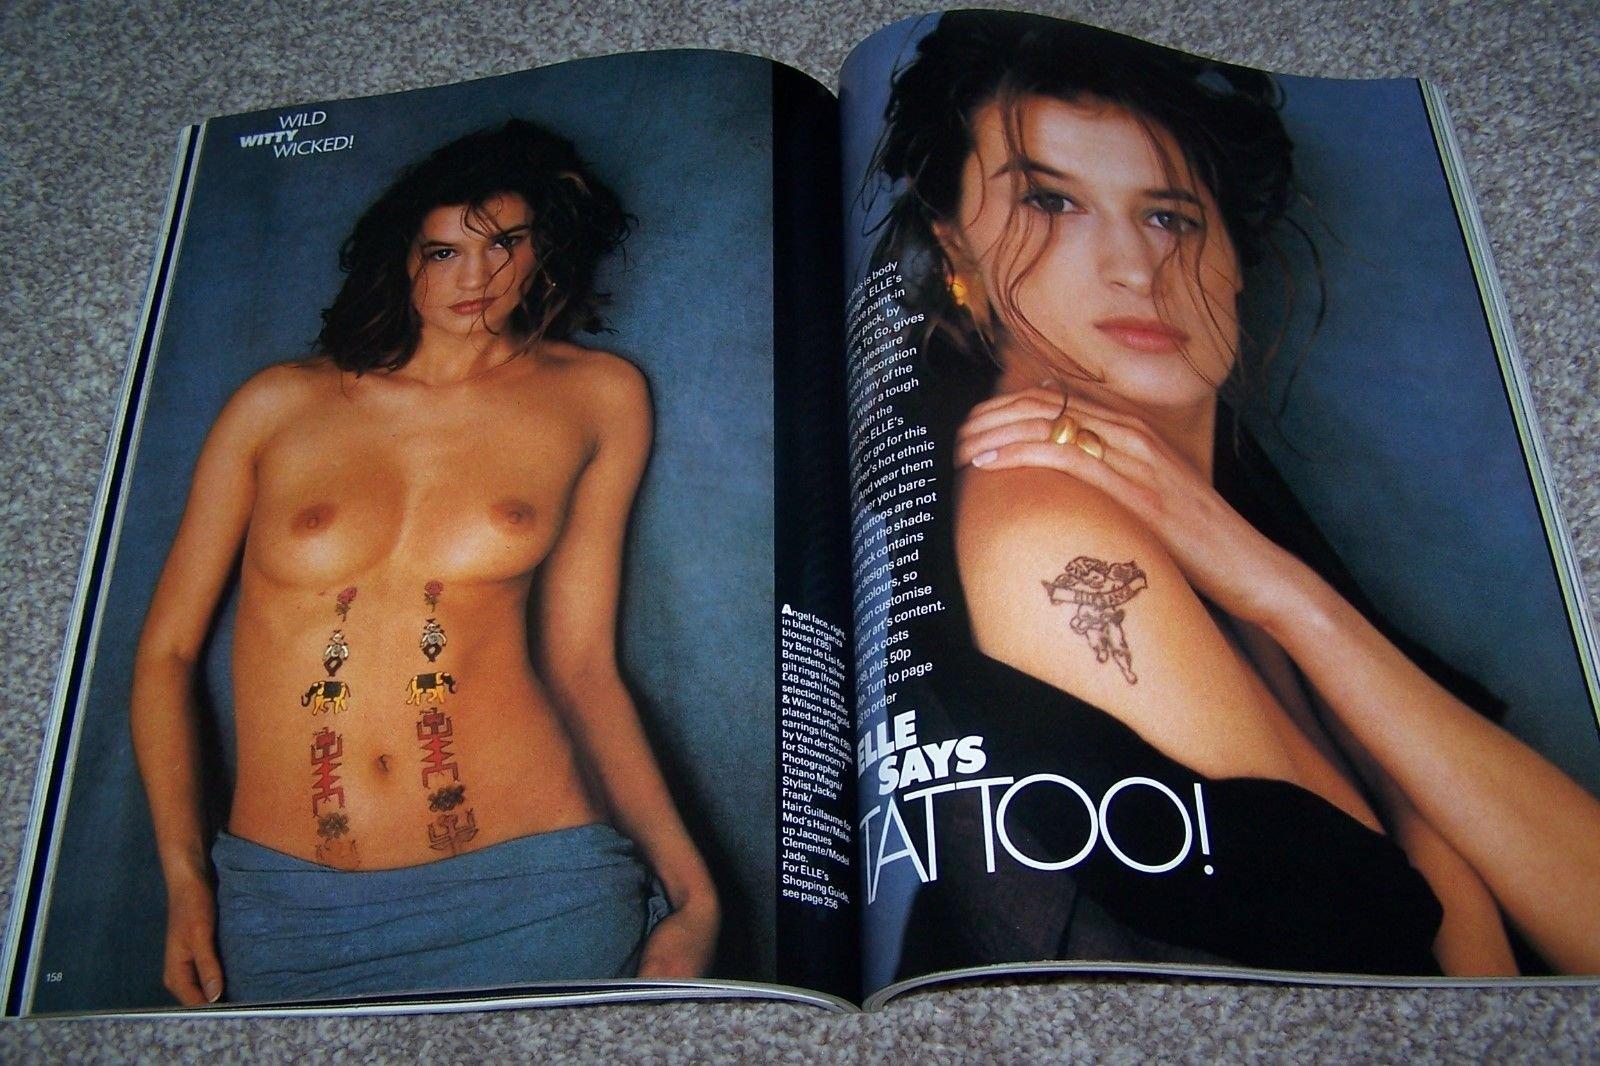 Roque nackt Annette Lauer  Matt Lauer's